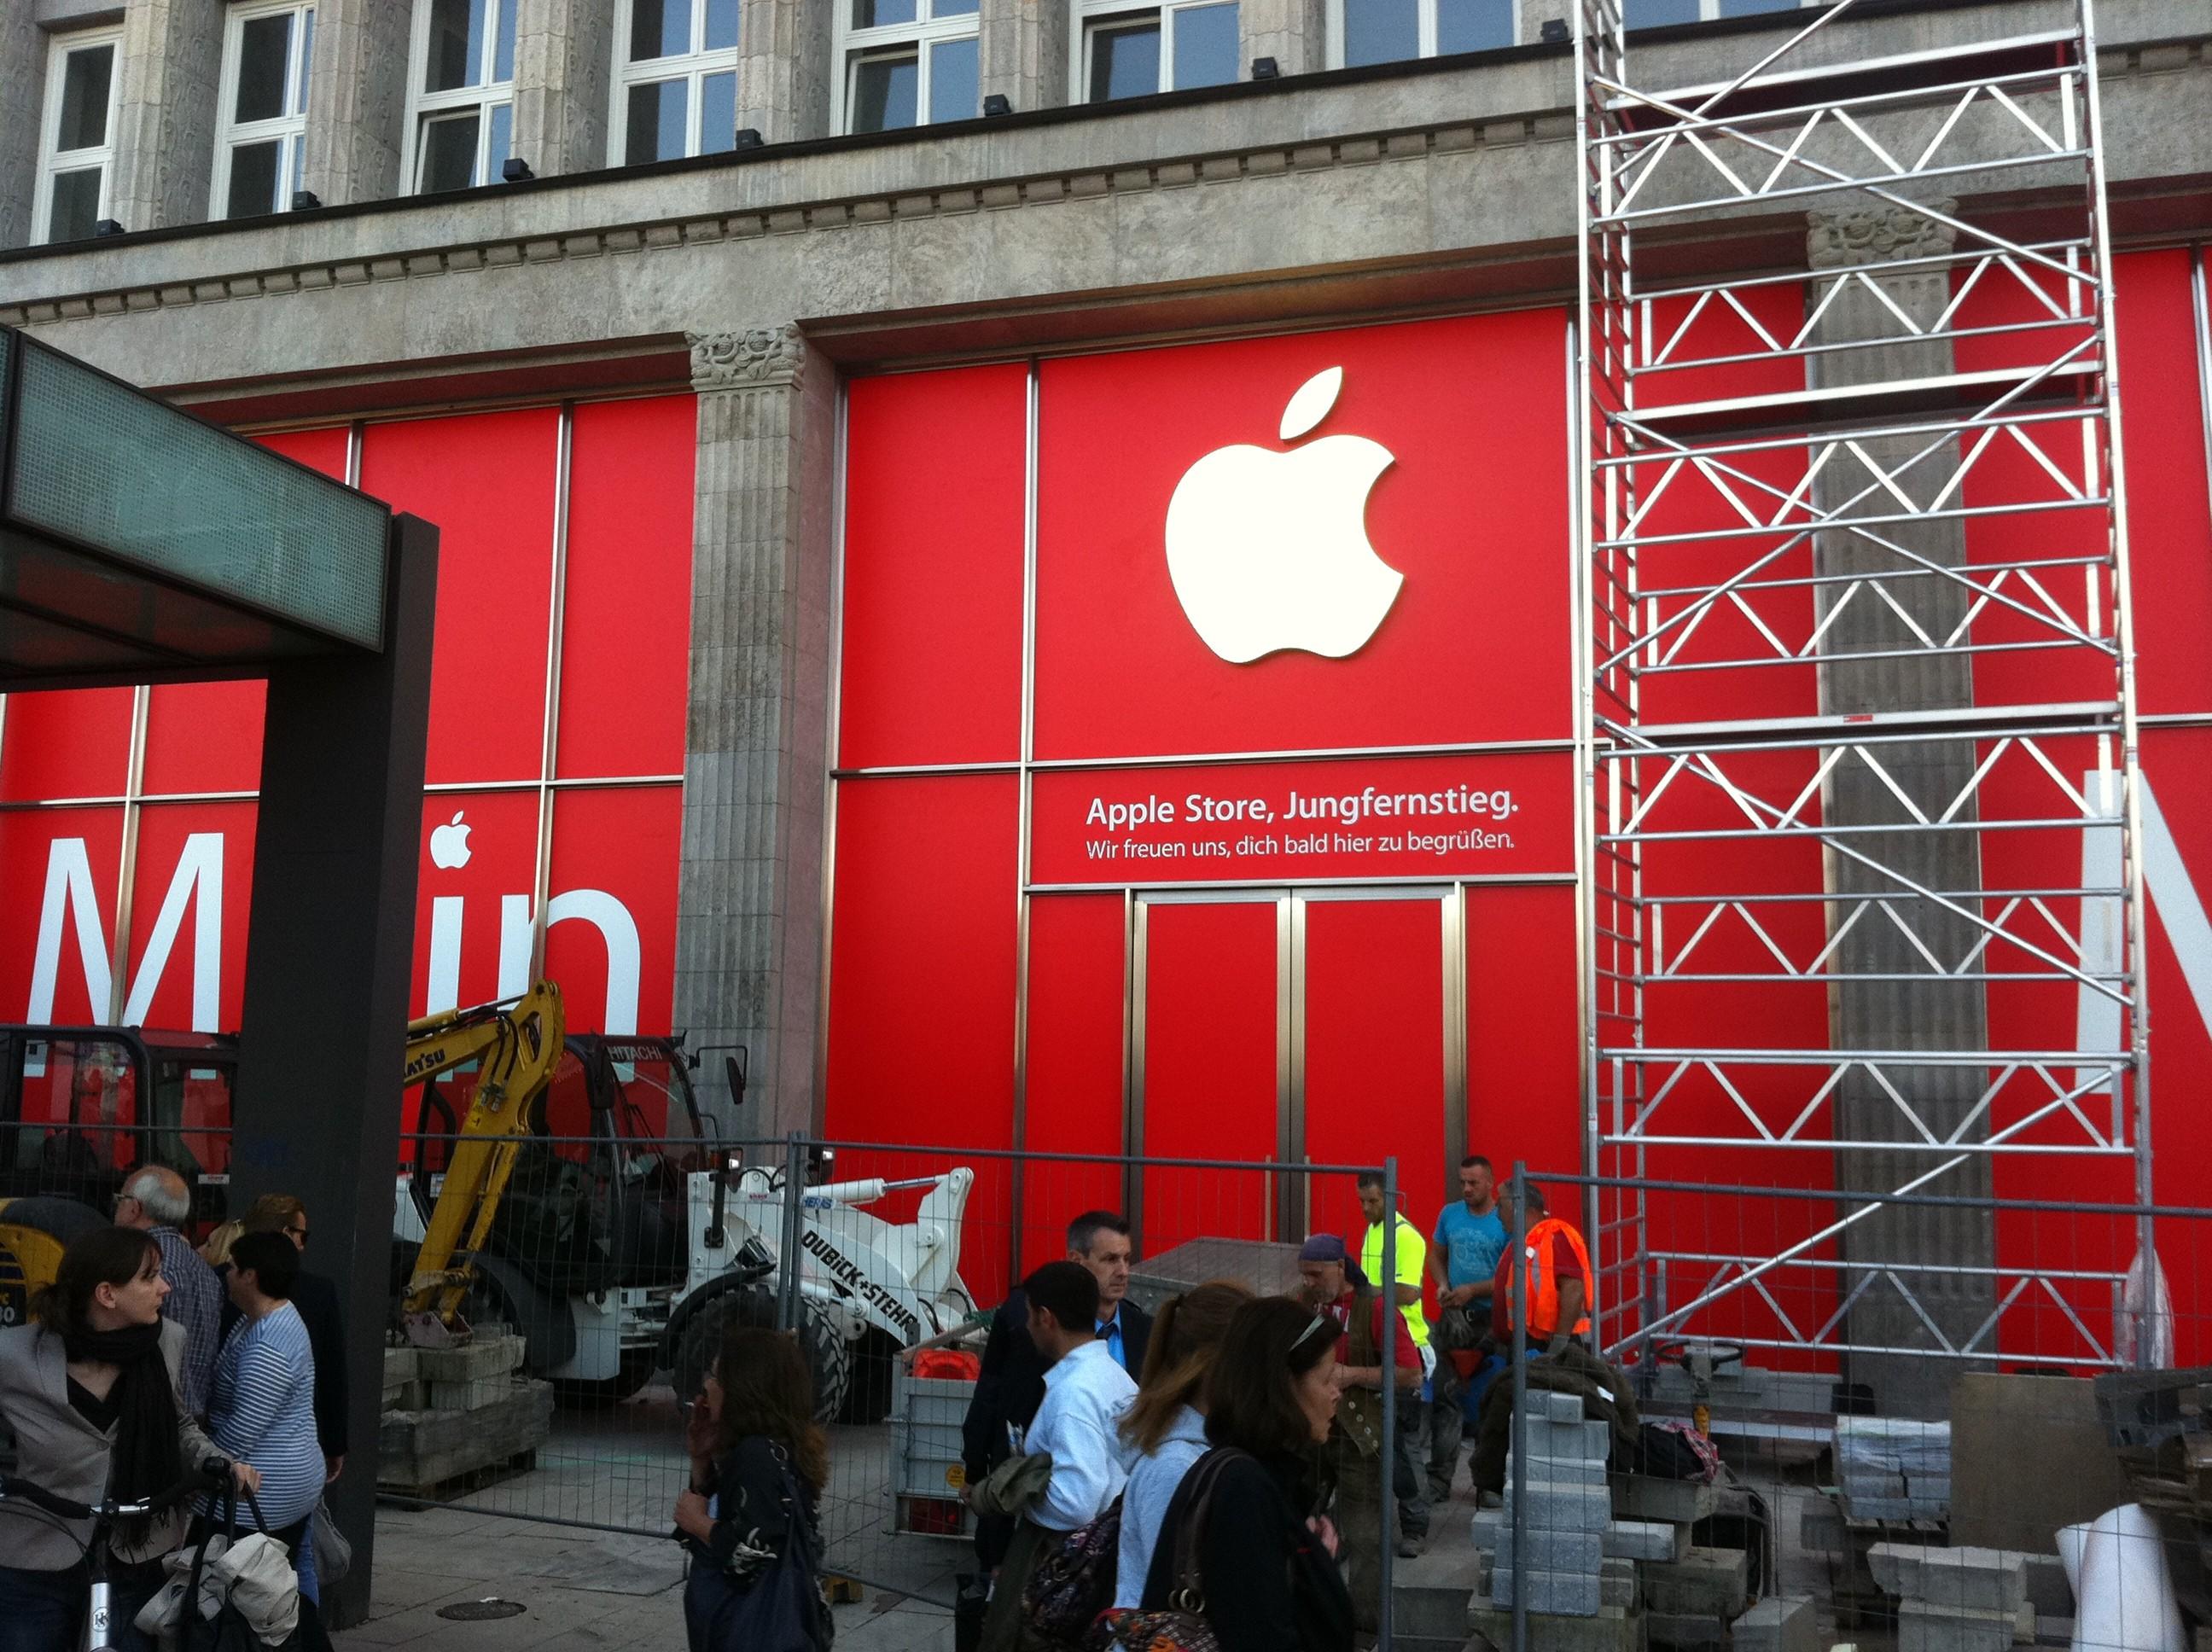 neuer apple store in hamburg iphone news die neuesten informationen zu iphone 5 iphone 6. Black Bedroom Furniture Sets. Home Design Ideas